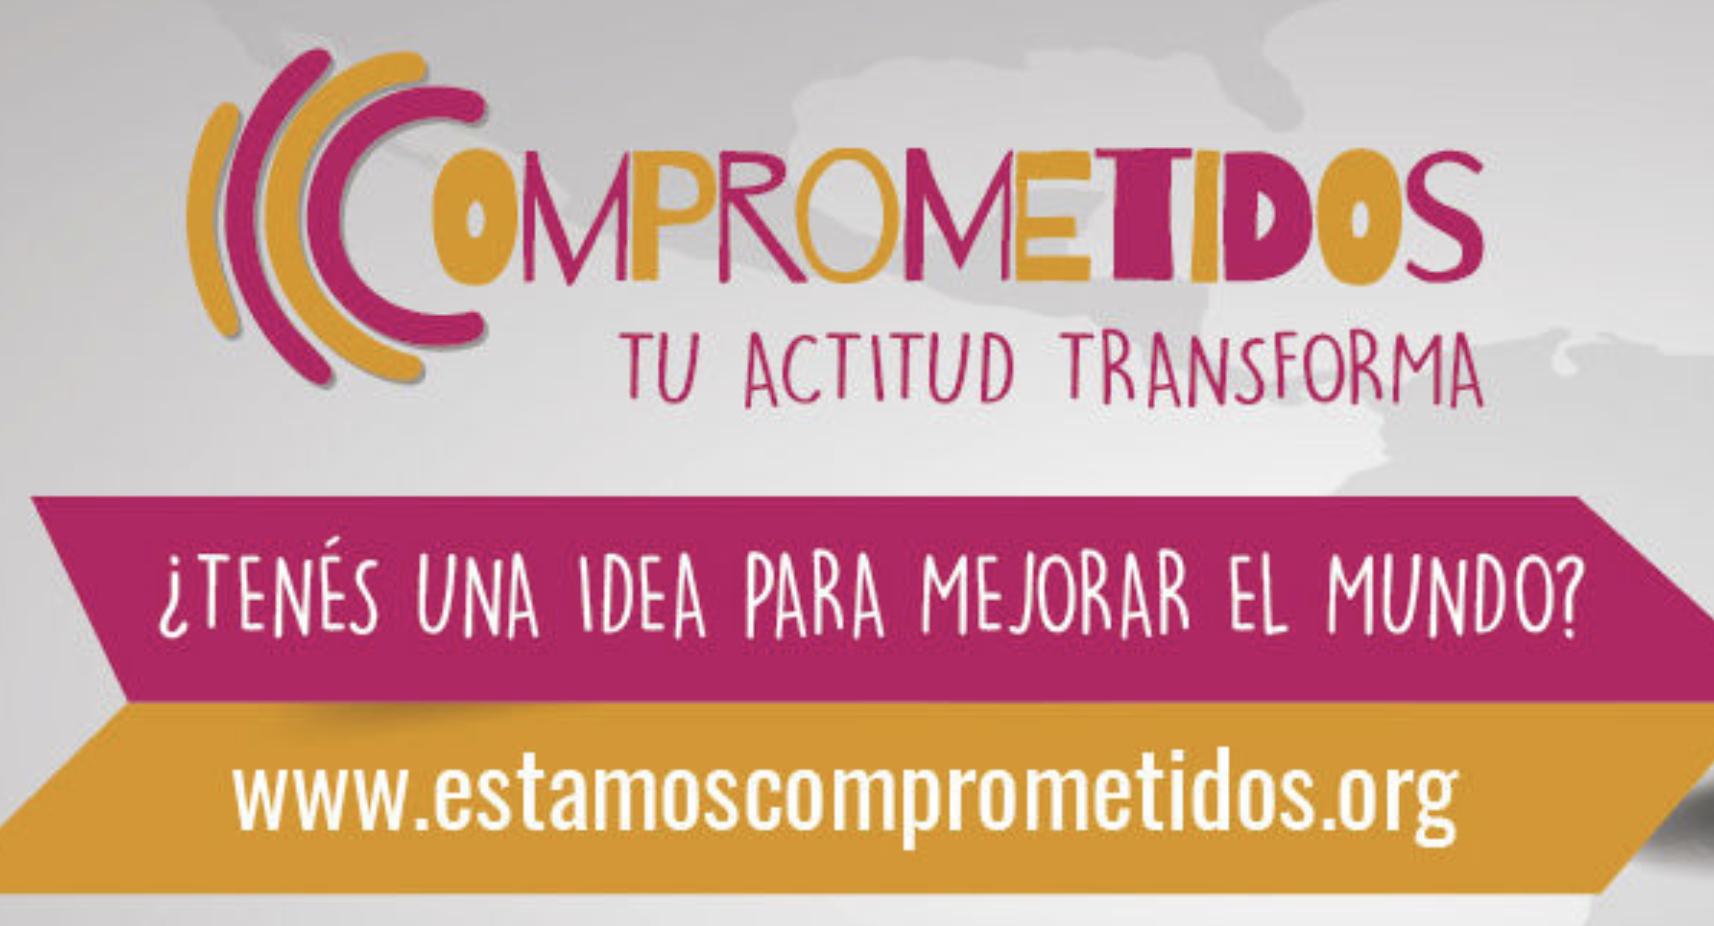 Estamos comprometidos: Concurso de ideas para cambiar el mundo -